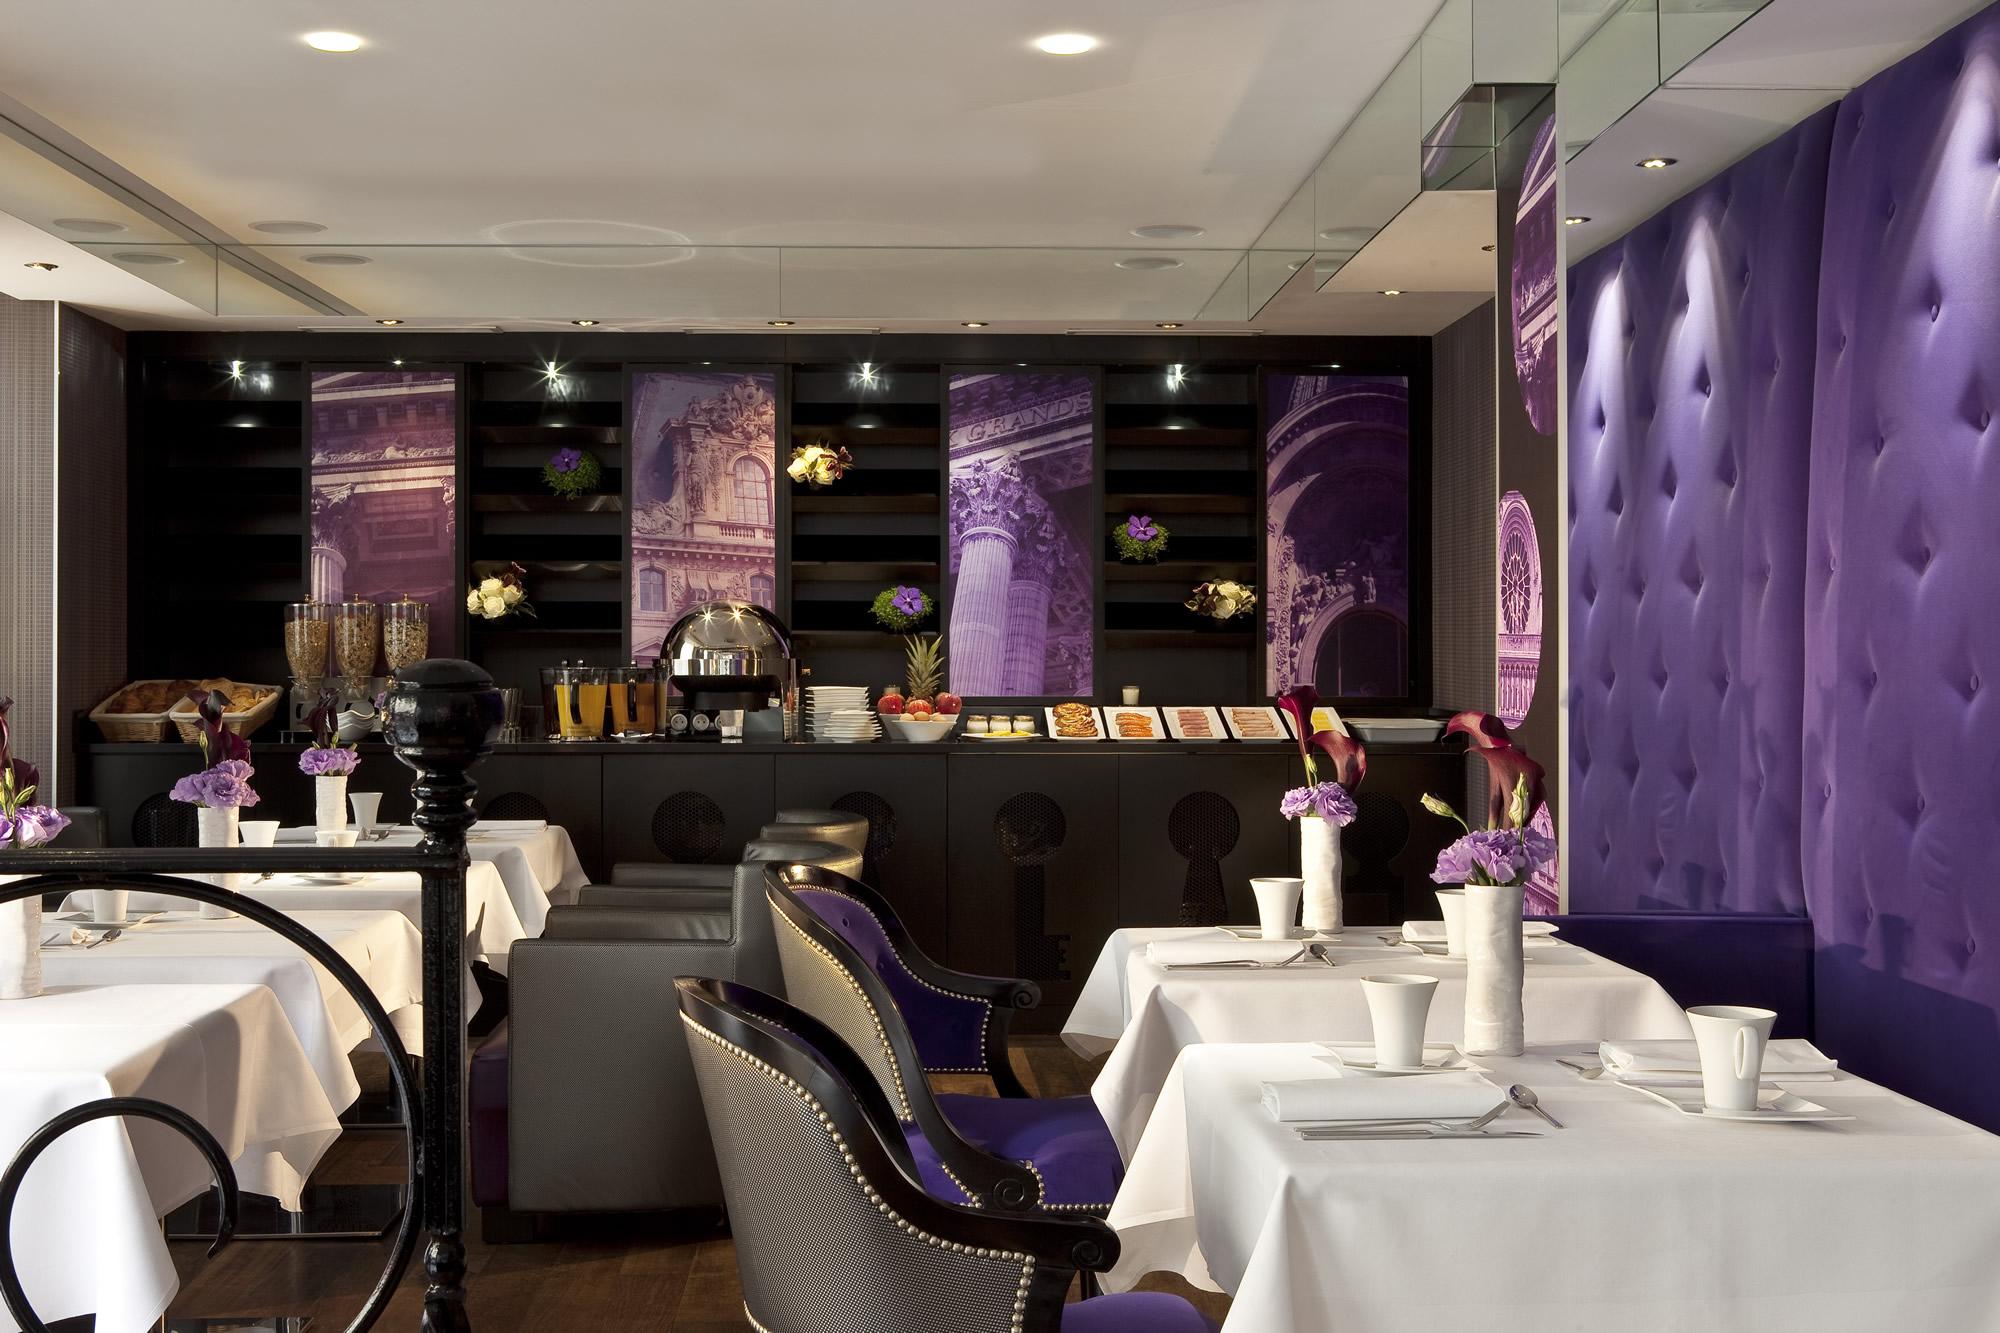 Salle de petit Dejeuner - Hotel de charme Secret de Paris